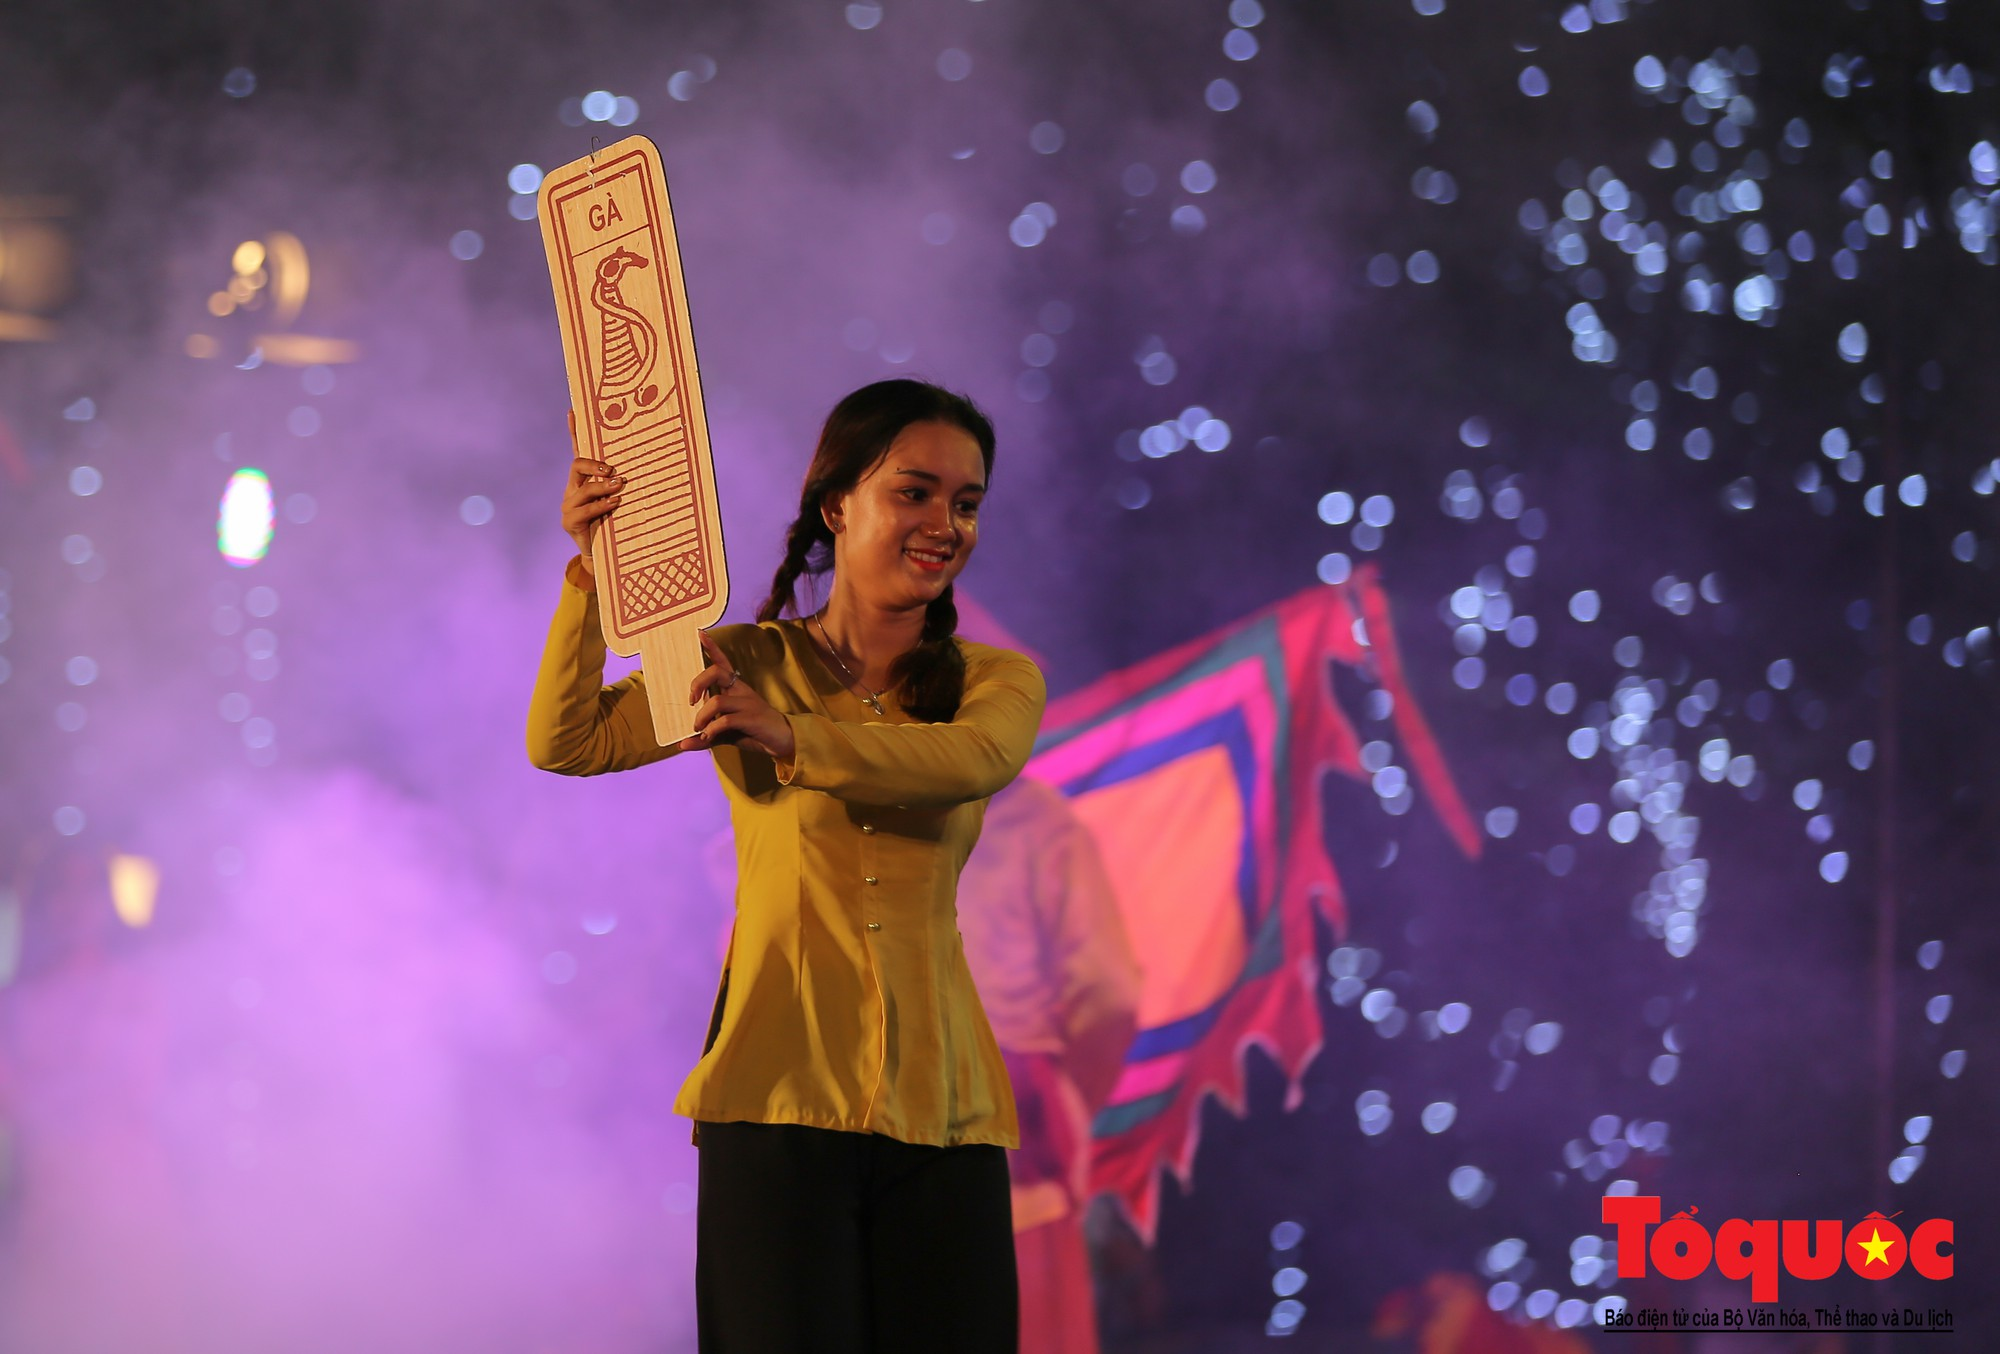 """Ấn tượng chương trình nghệ thuật kỷ niệm 20 năm Hà Nội - """"Thành phố Vì hòa bình"""" - Ảnh 13."""